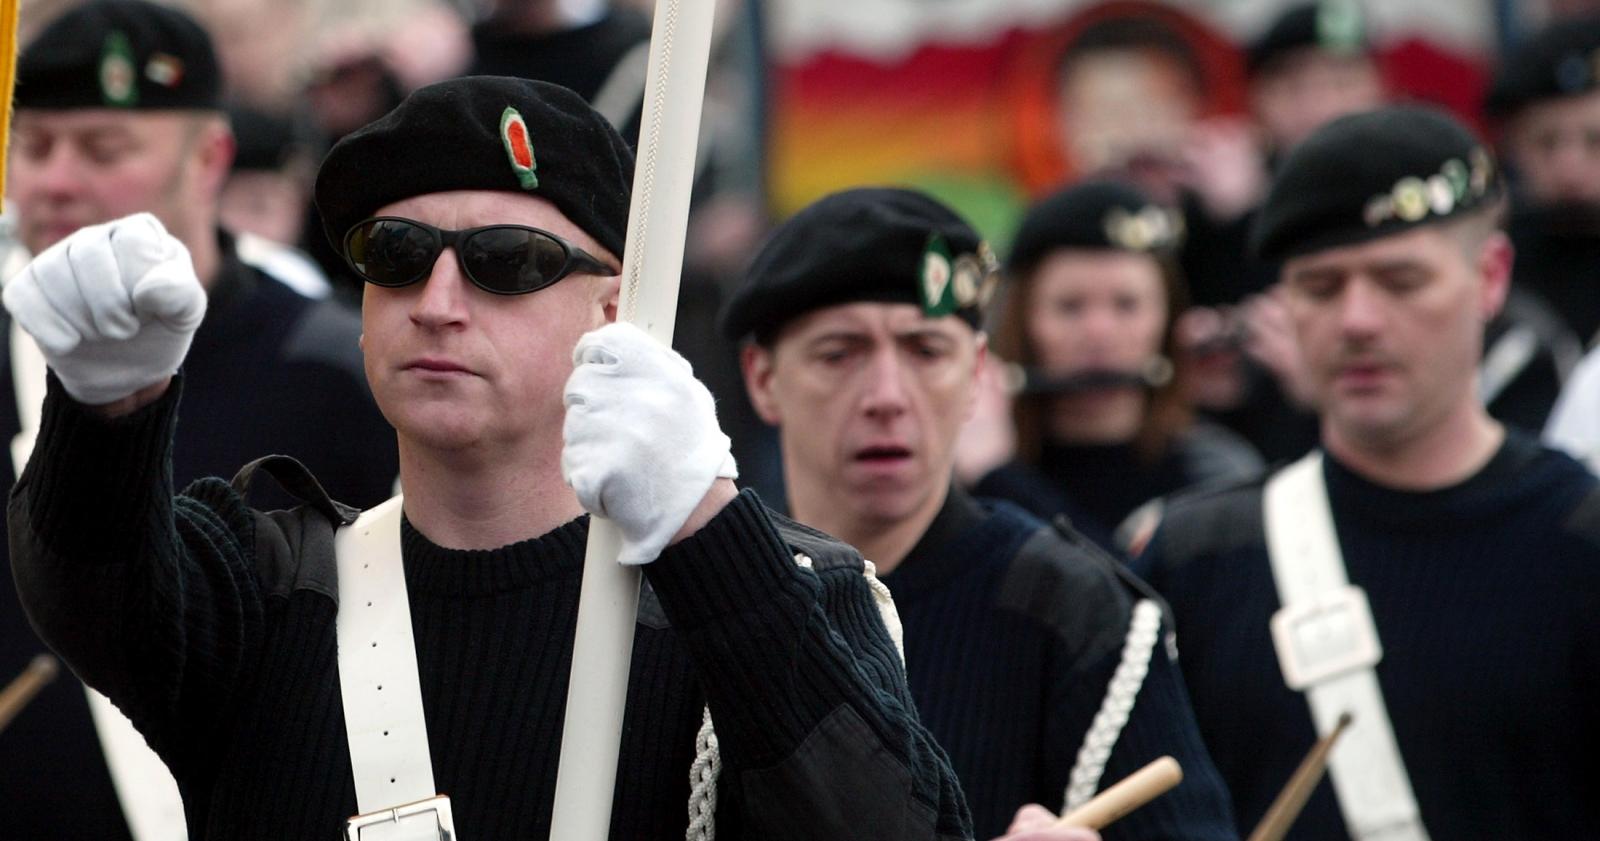 Sinn Fein supporters march in Strabane